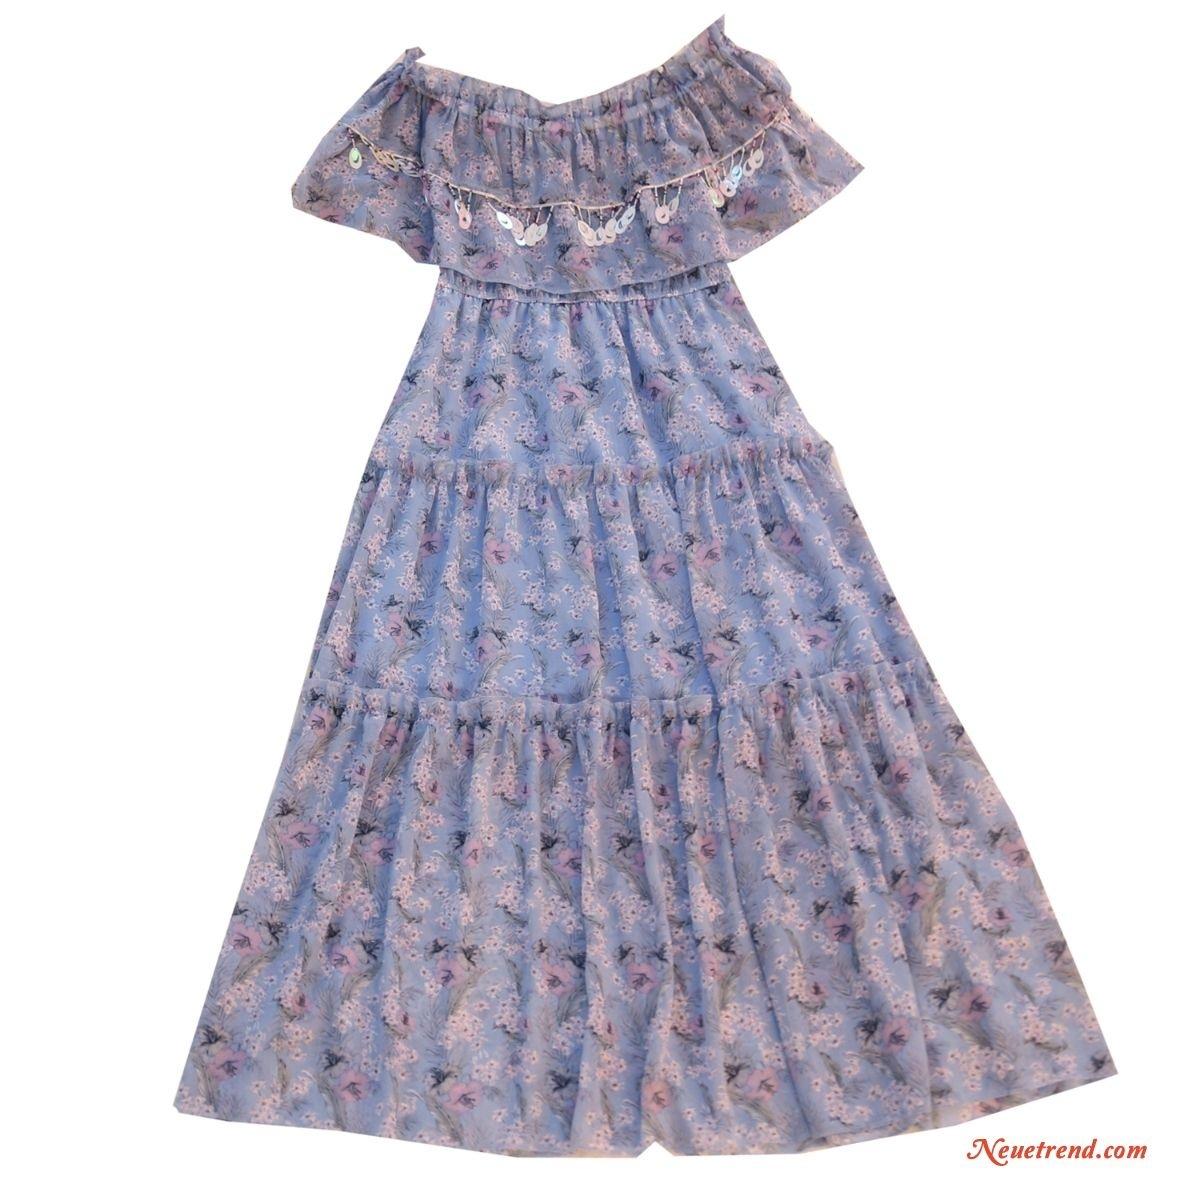 Abend Coolste Schöne Kleider Kurz DesignDesigner Großartig Schöne Kleider Kurz Ärmel